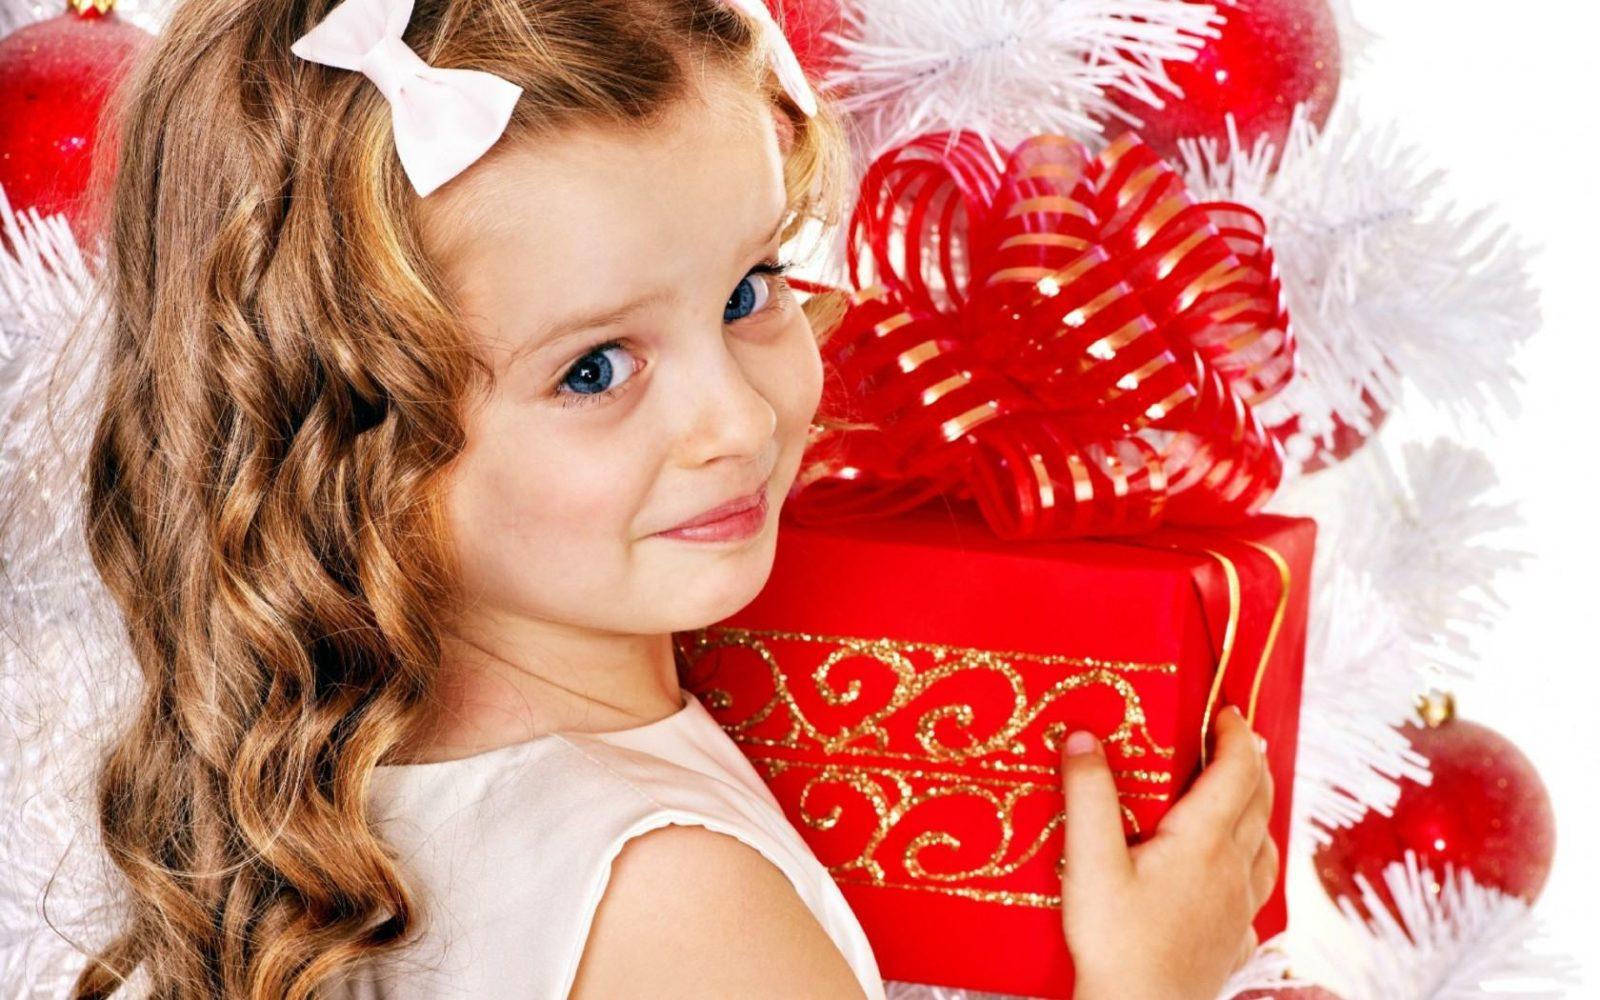 Подарок ребенку 10 лет. Что подарить девочке 10 лет